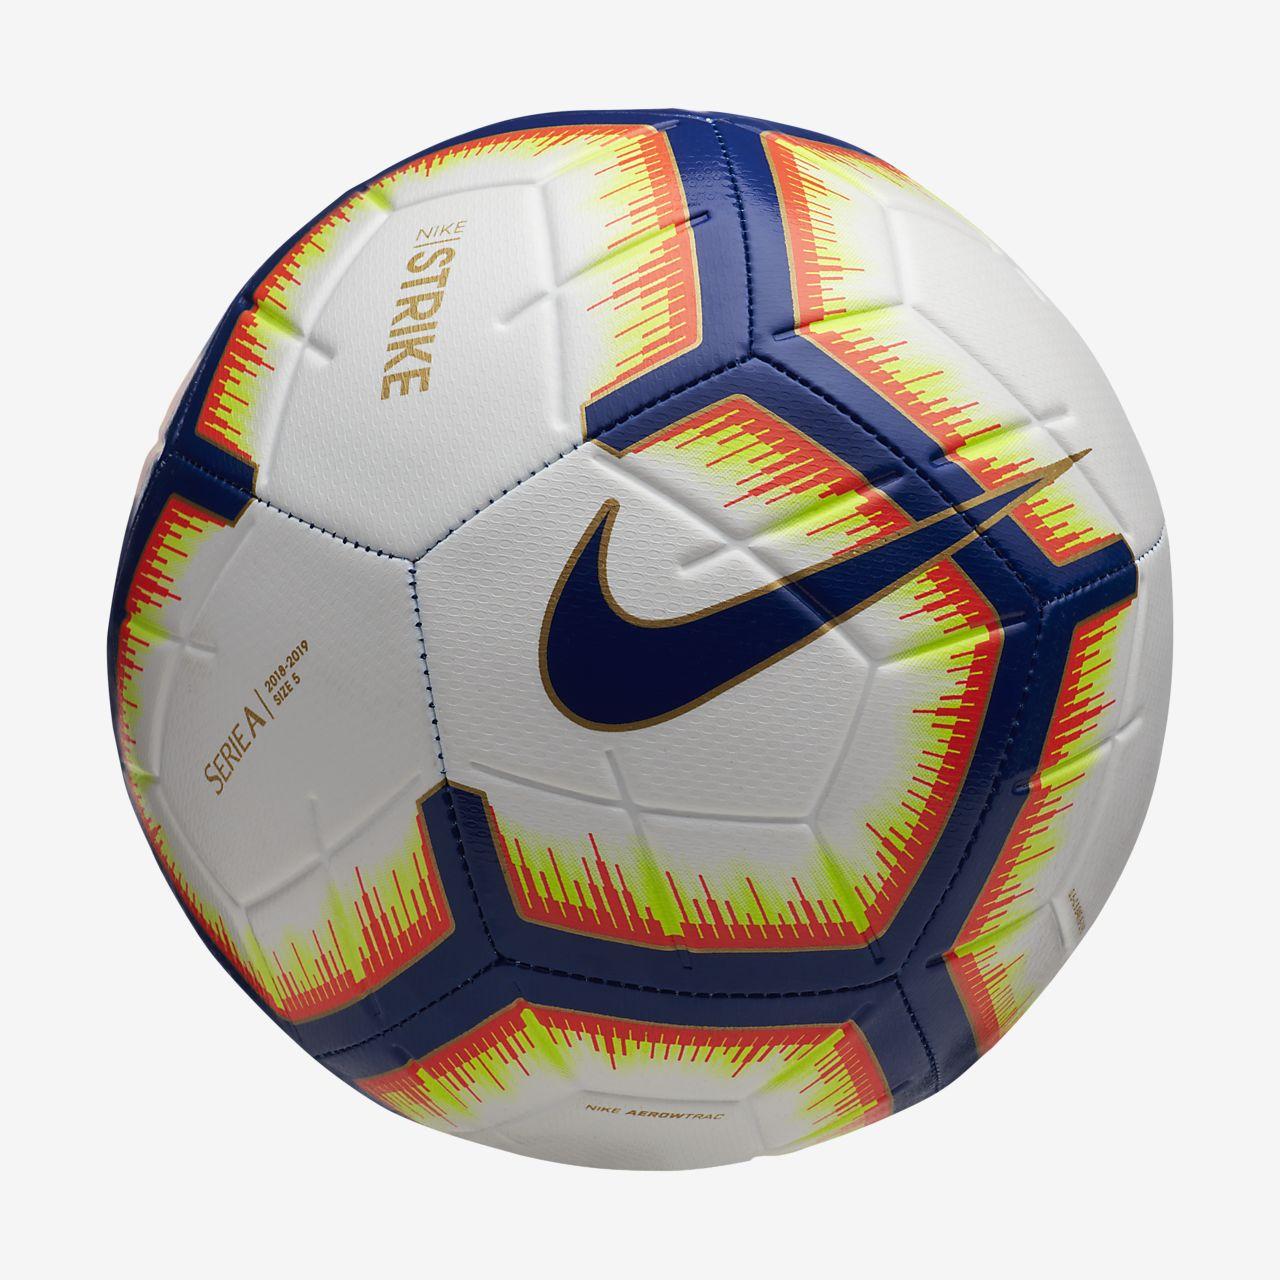 Футбольный мяч Serie A Strike